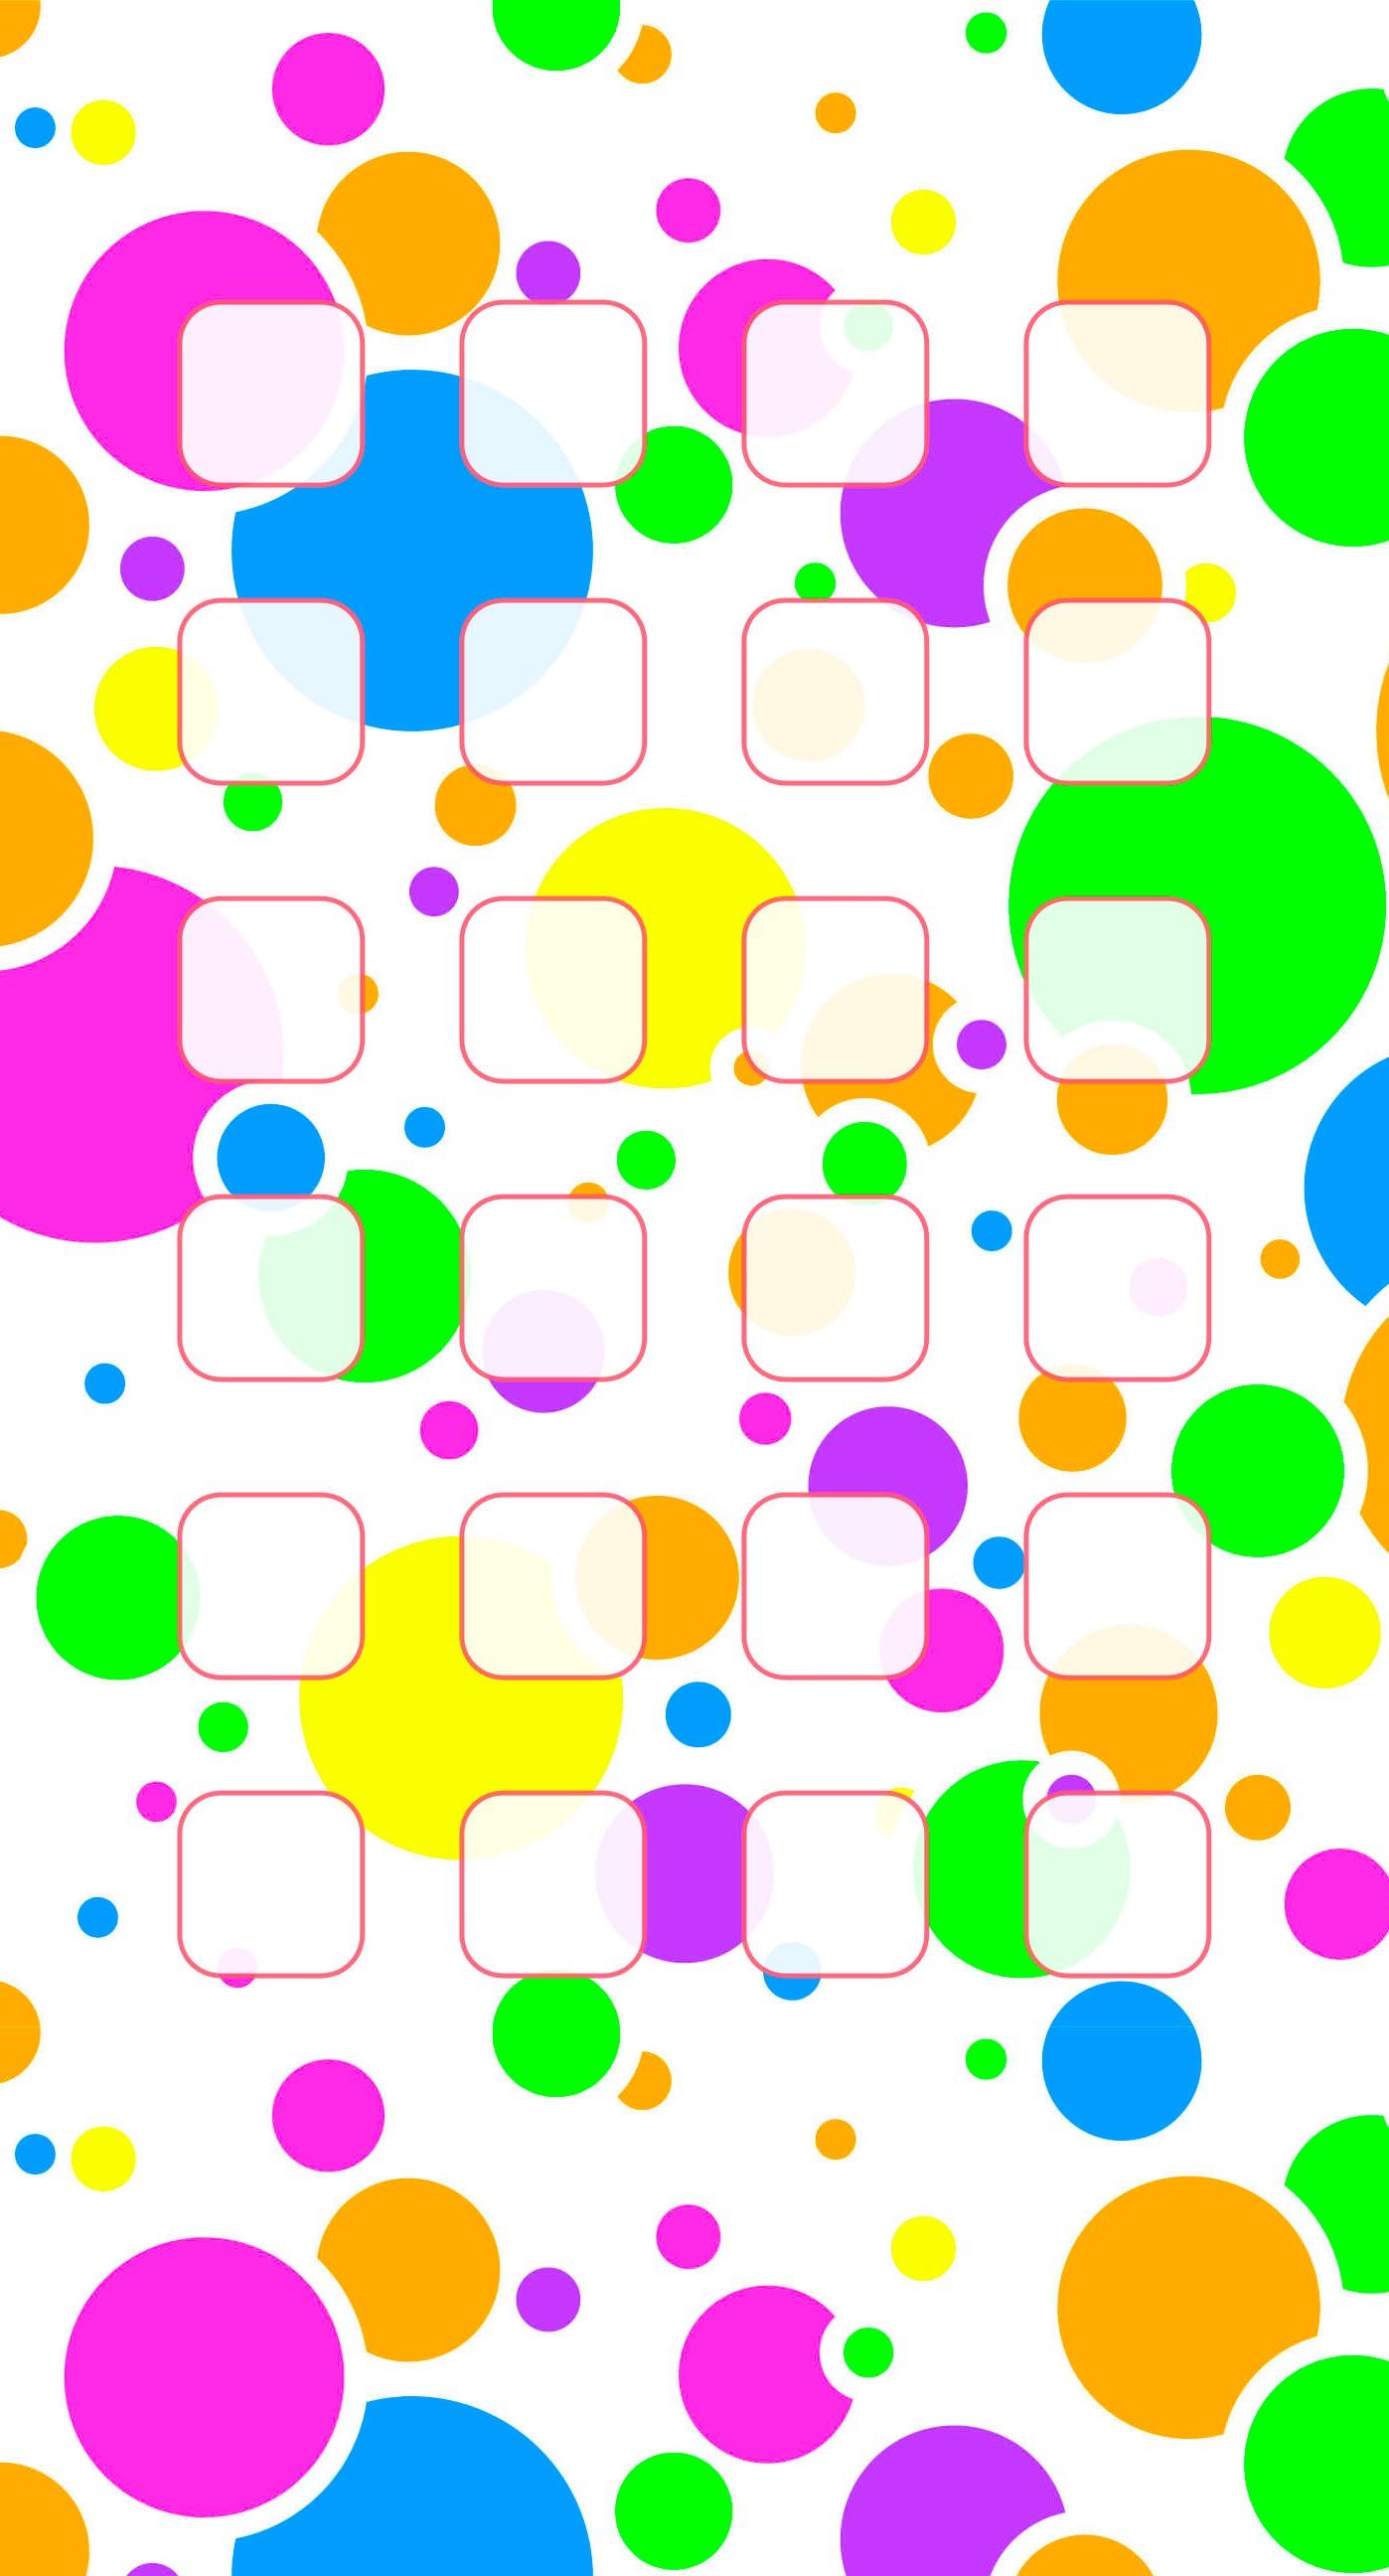 最も検索された スプラトゥーン 壁紙 Iphone 人気の壁紙hd